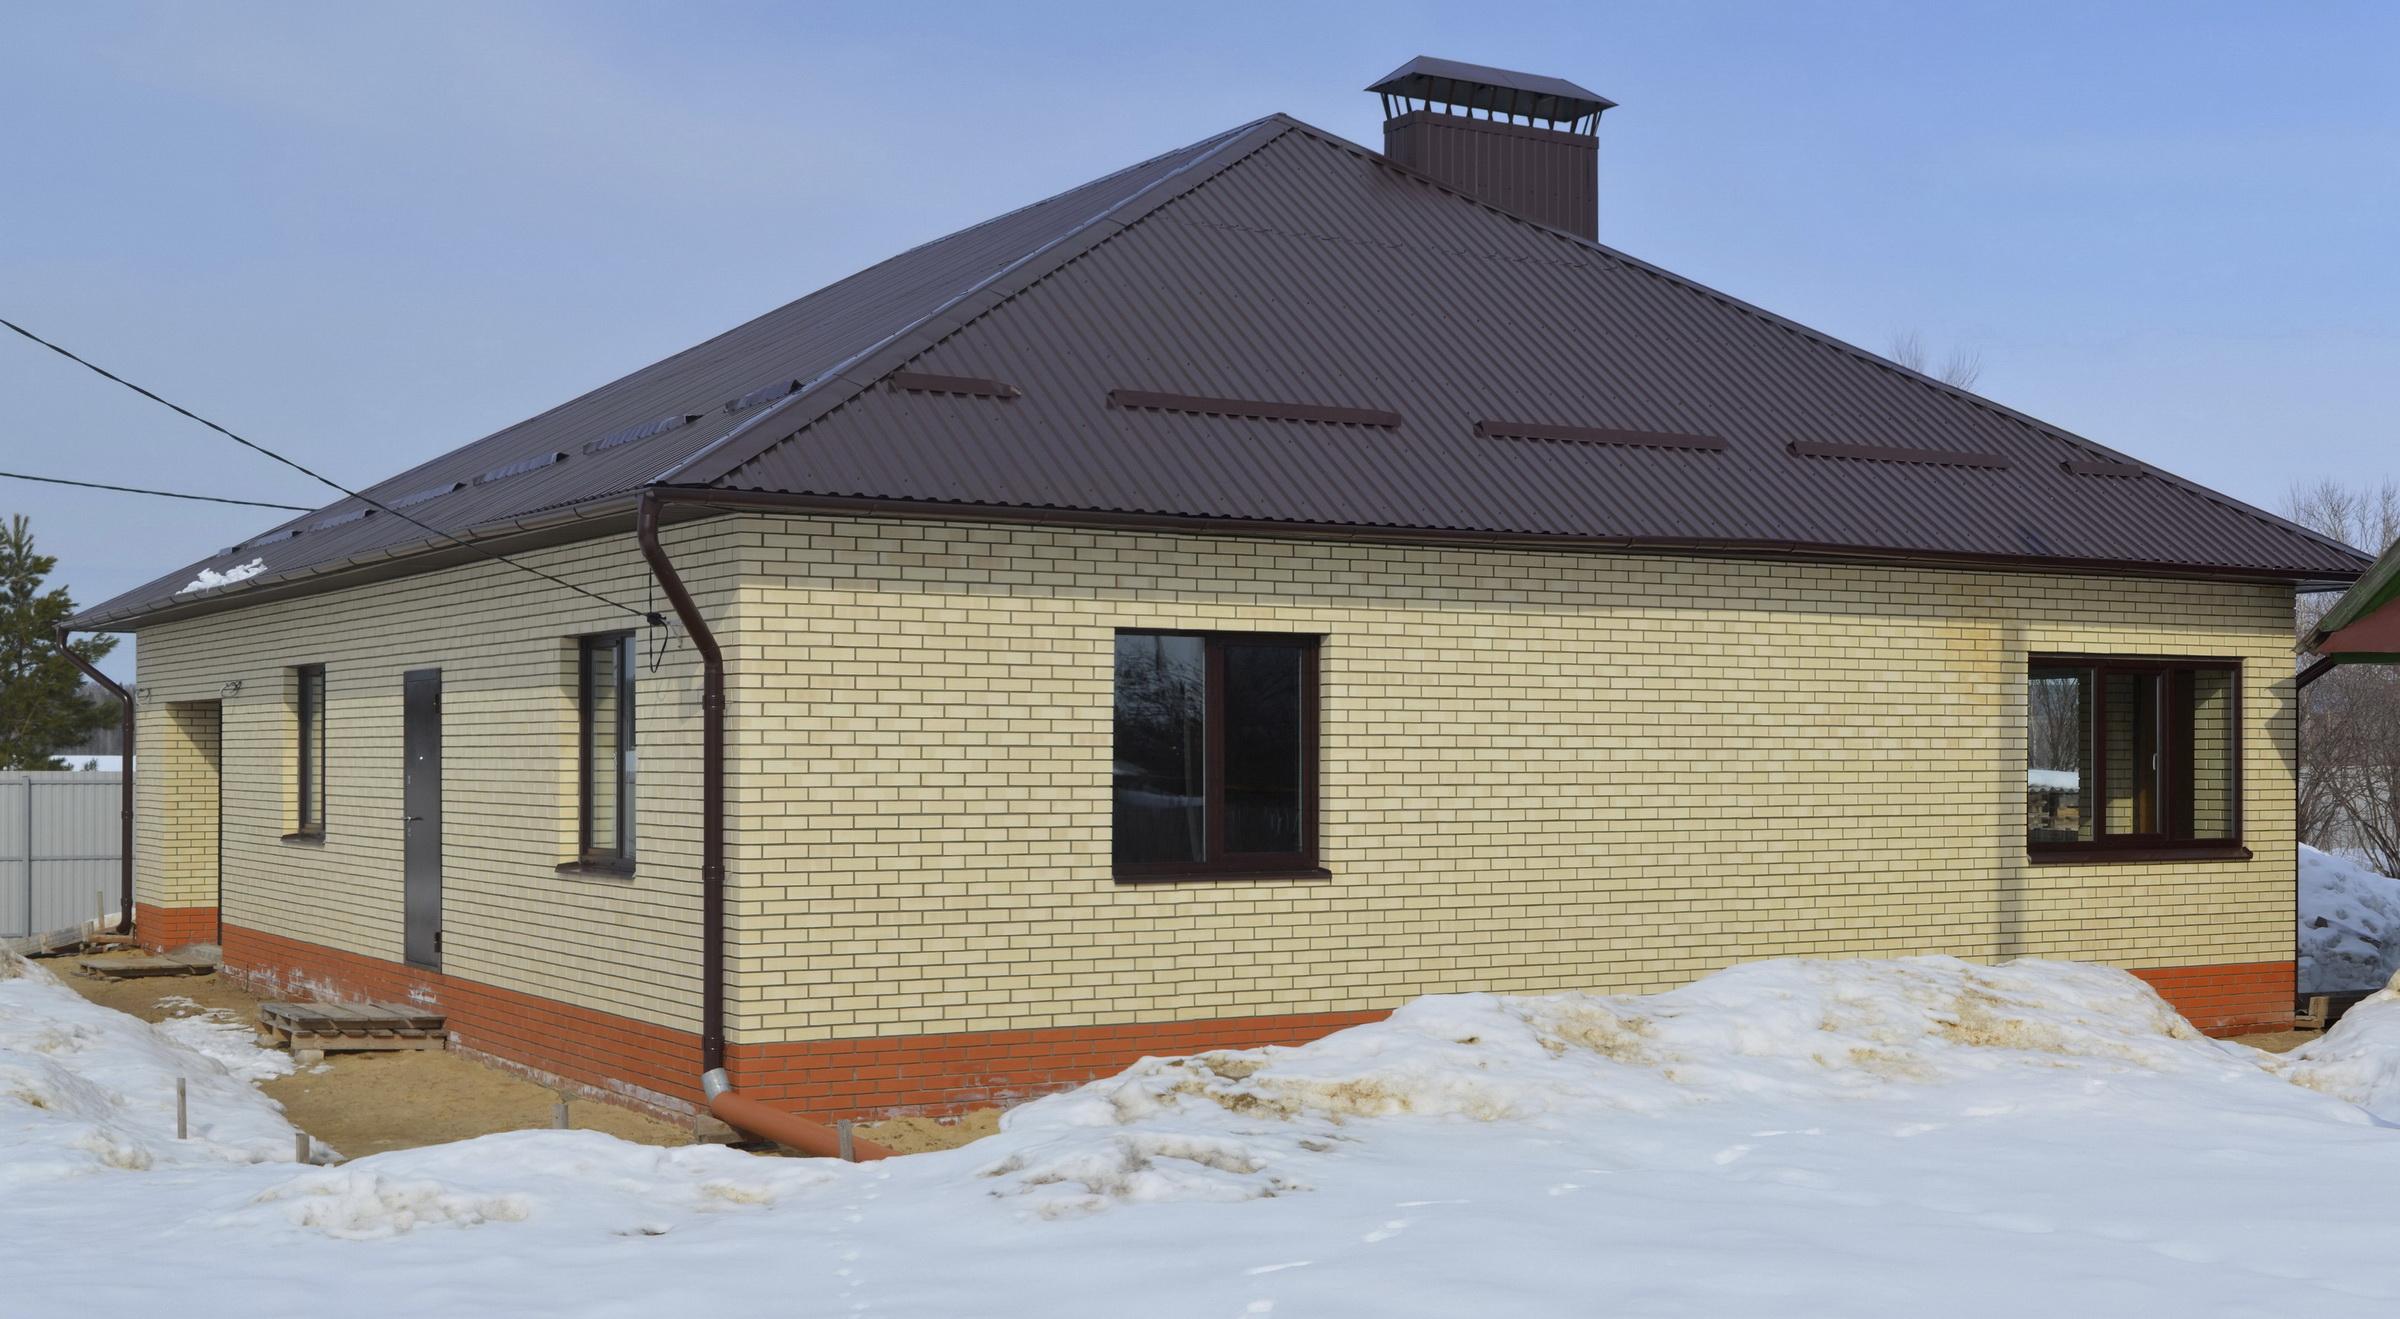 Строительство домов в Марий Эл и Йошкар-Оле: кирпично-блоковый одноэтажный частный дом